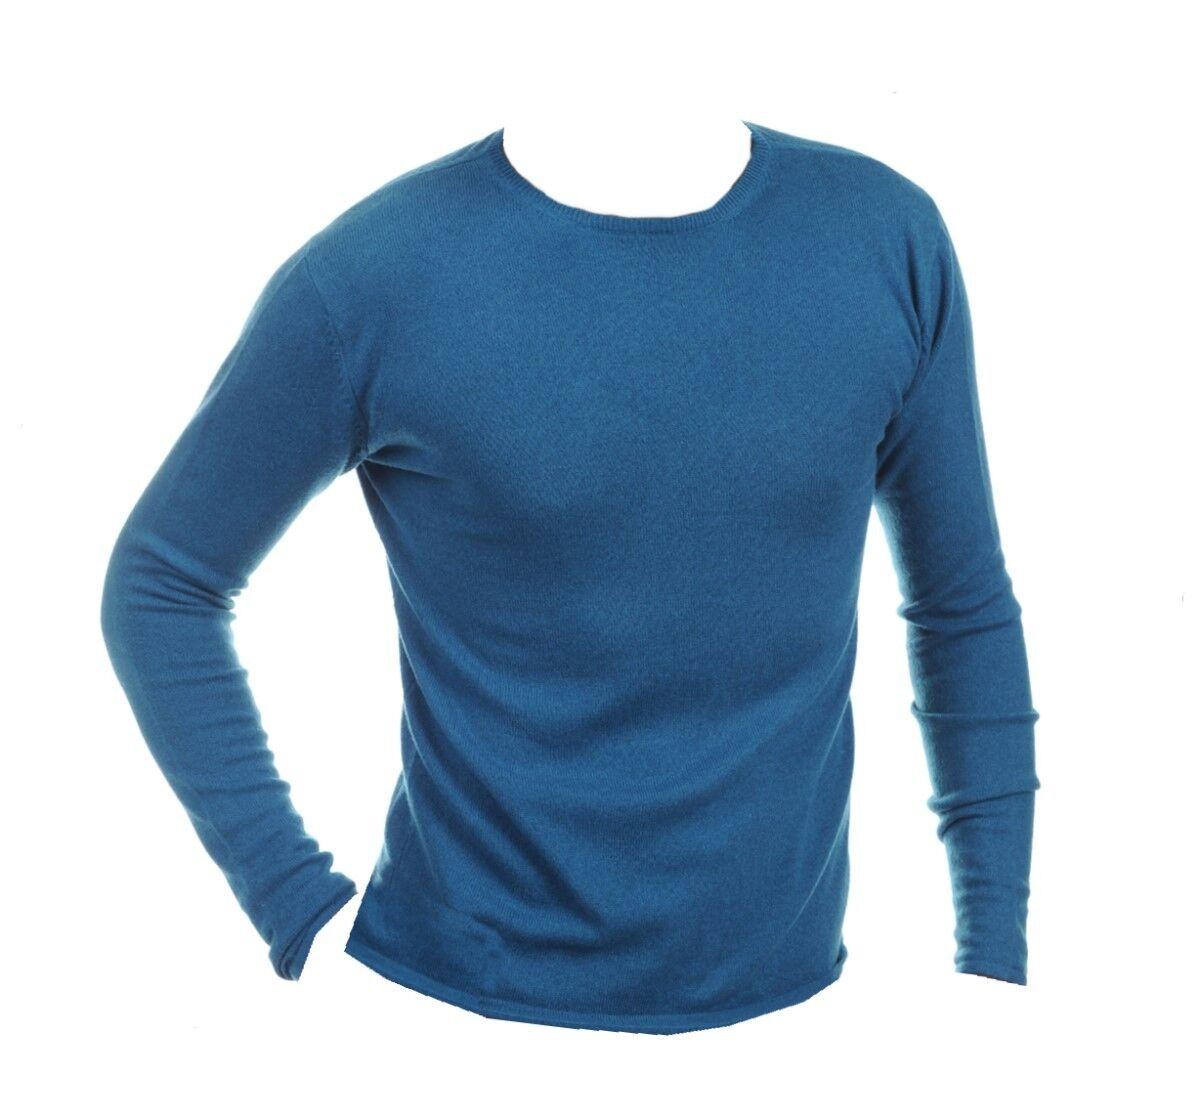 Balldiri 100% Cashmere Herren Pullover Rundhals ohne Bund leuchtendesblau XL